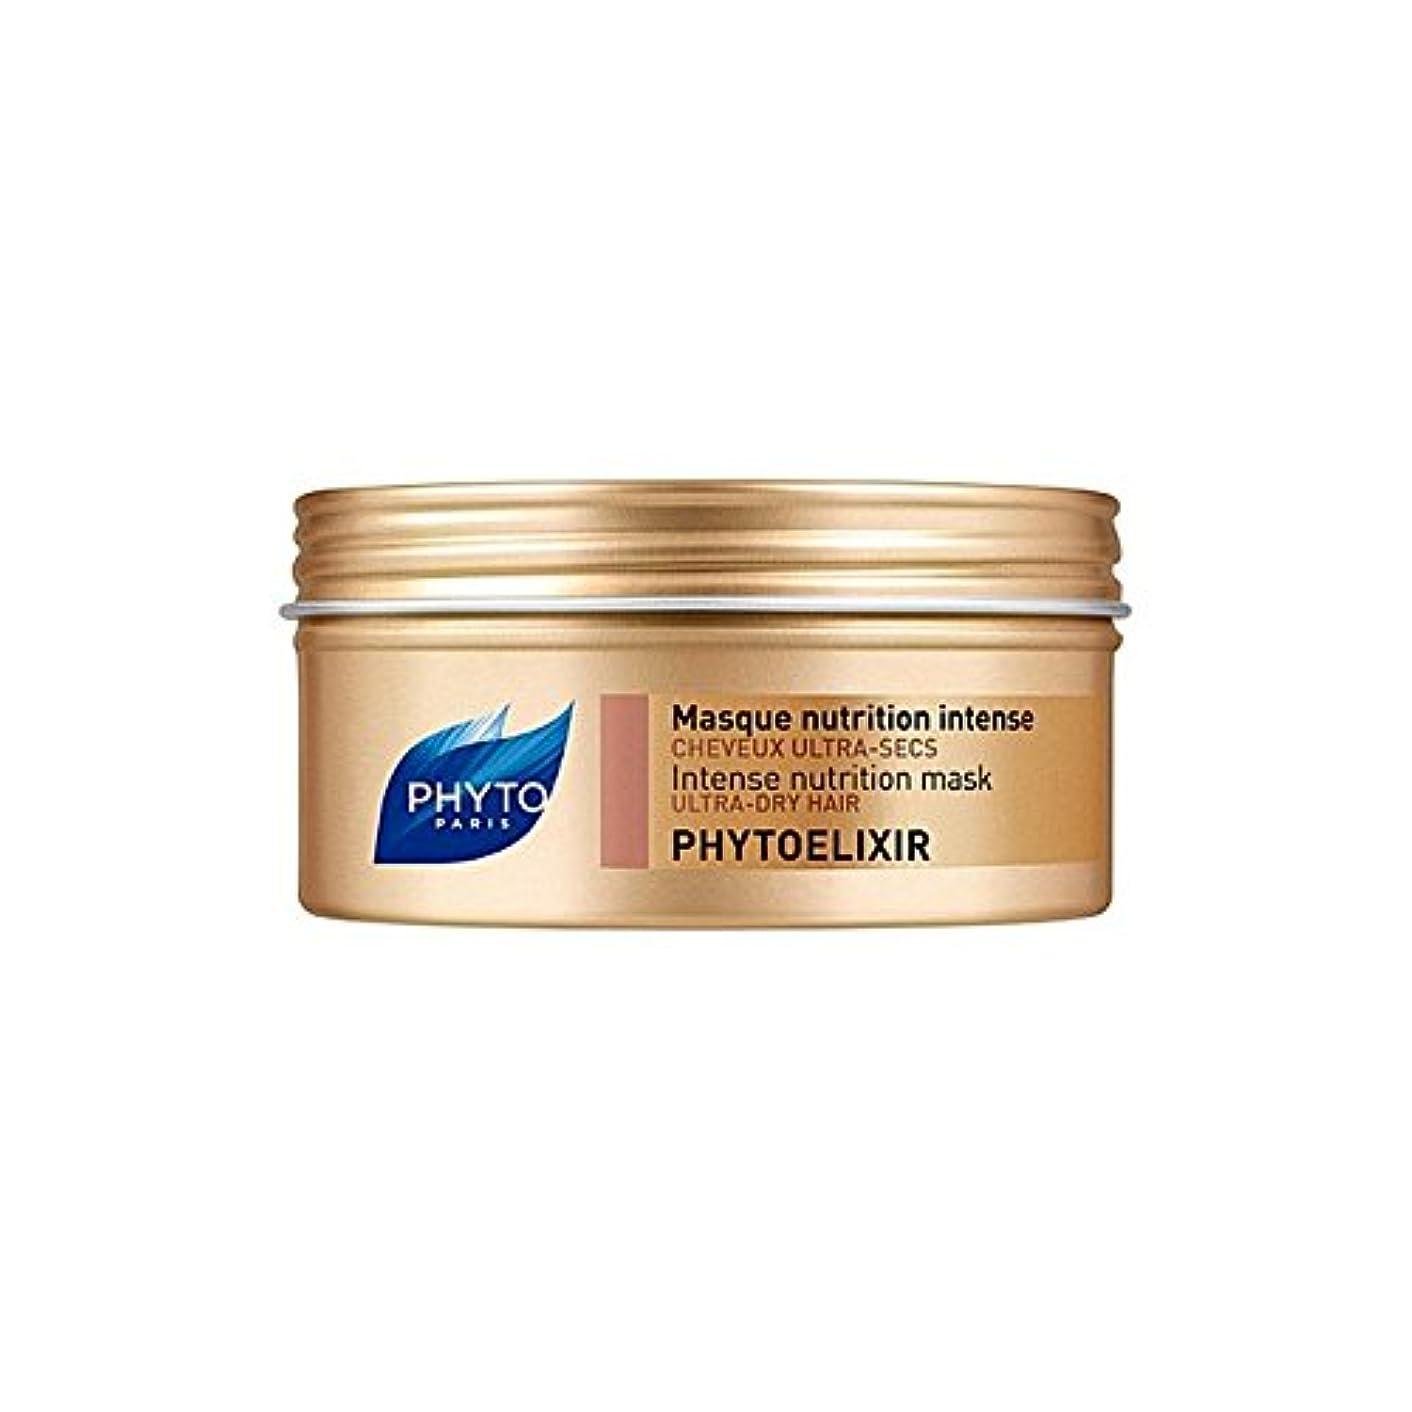 忍耐ドキュメンタリー染色フィトの強烈な栄養マスク x2 - Phyto Phytoelixir Intense Nutrition Mask (Pack of 2) [並行輸入品]